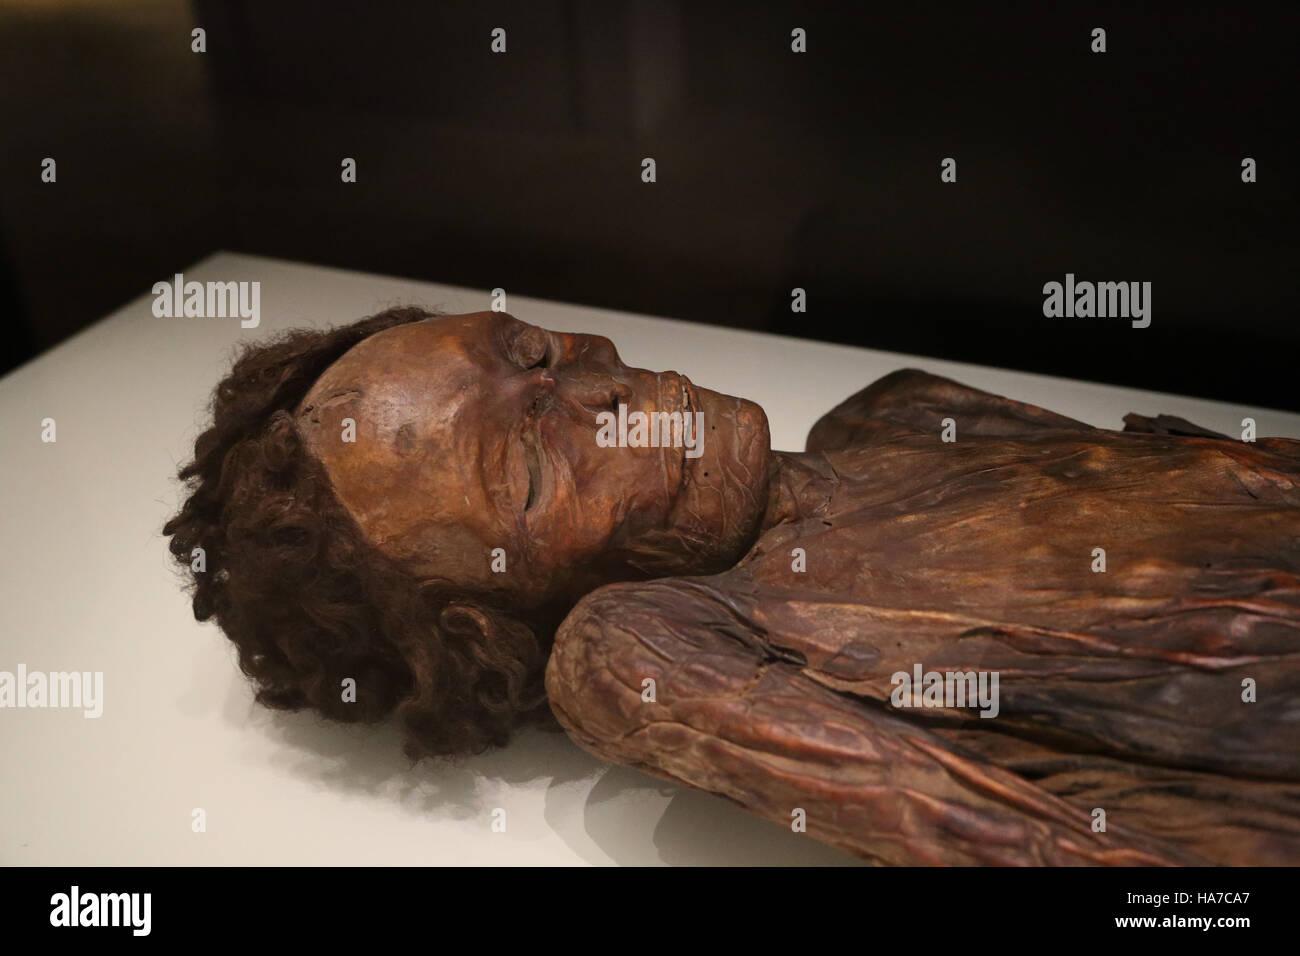 Mumifizierten Überreste eines Mannes. Barranco de Herques, Teneriffa, Kanarische Inseln, Spanien. Nationales ArchäologischesStockfoto